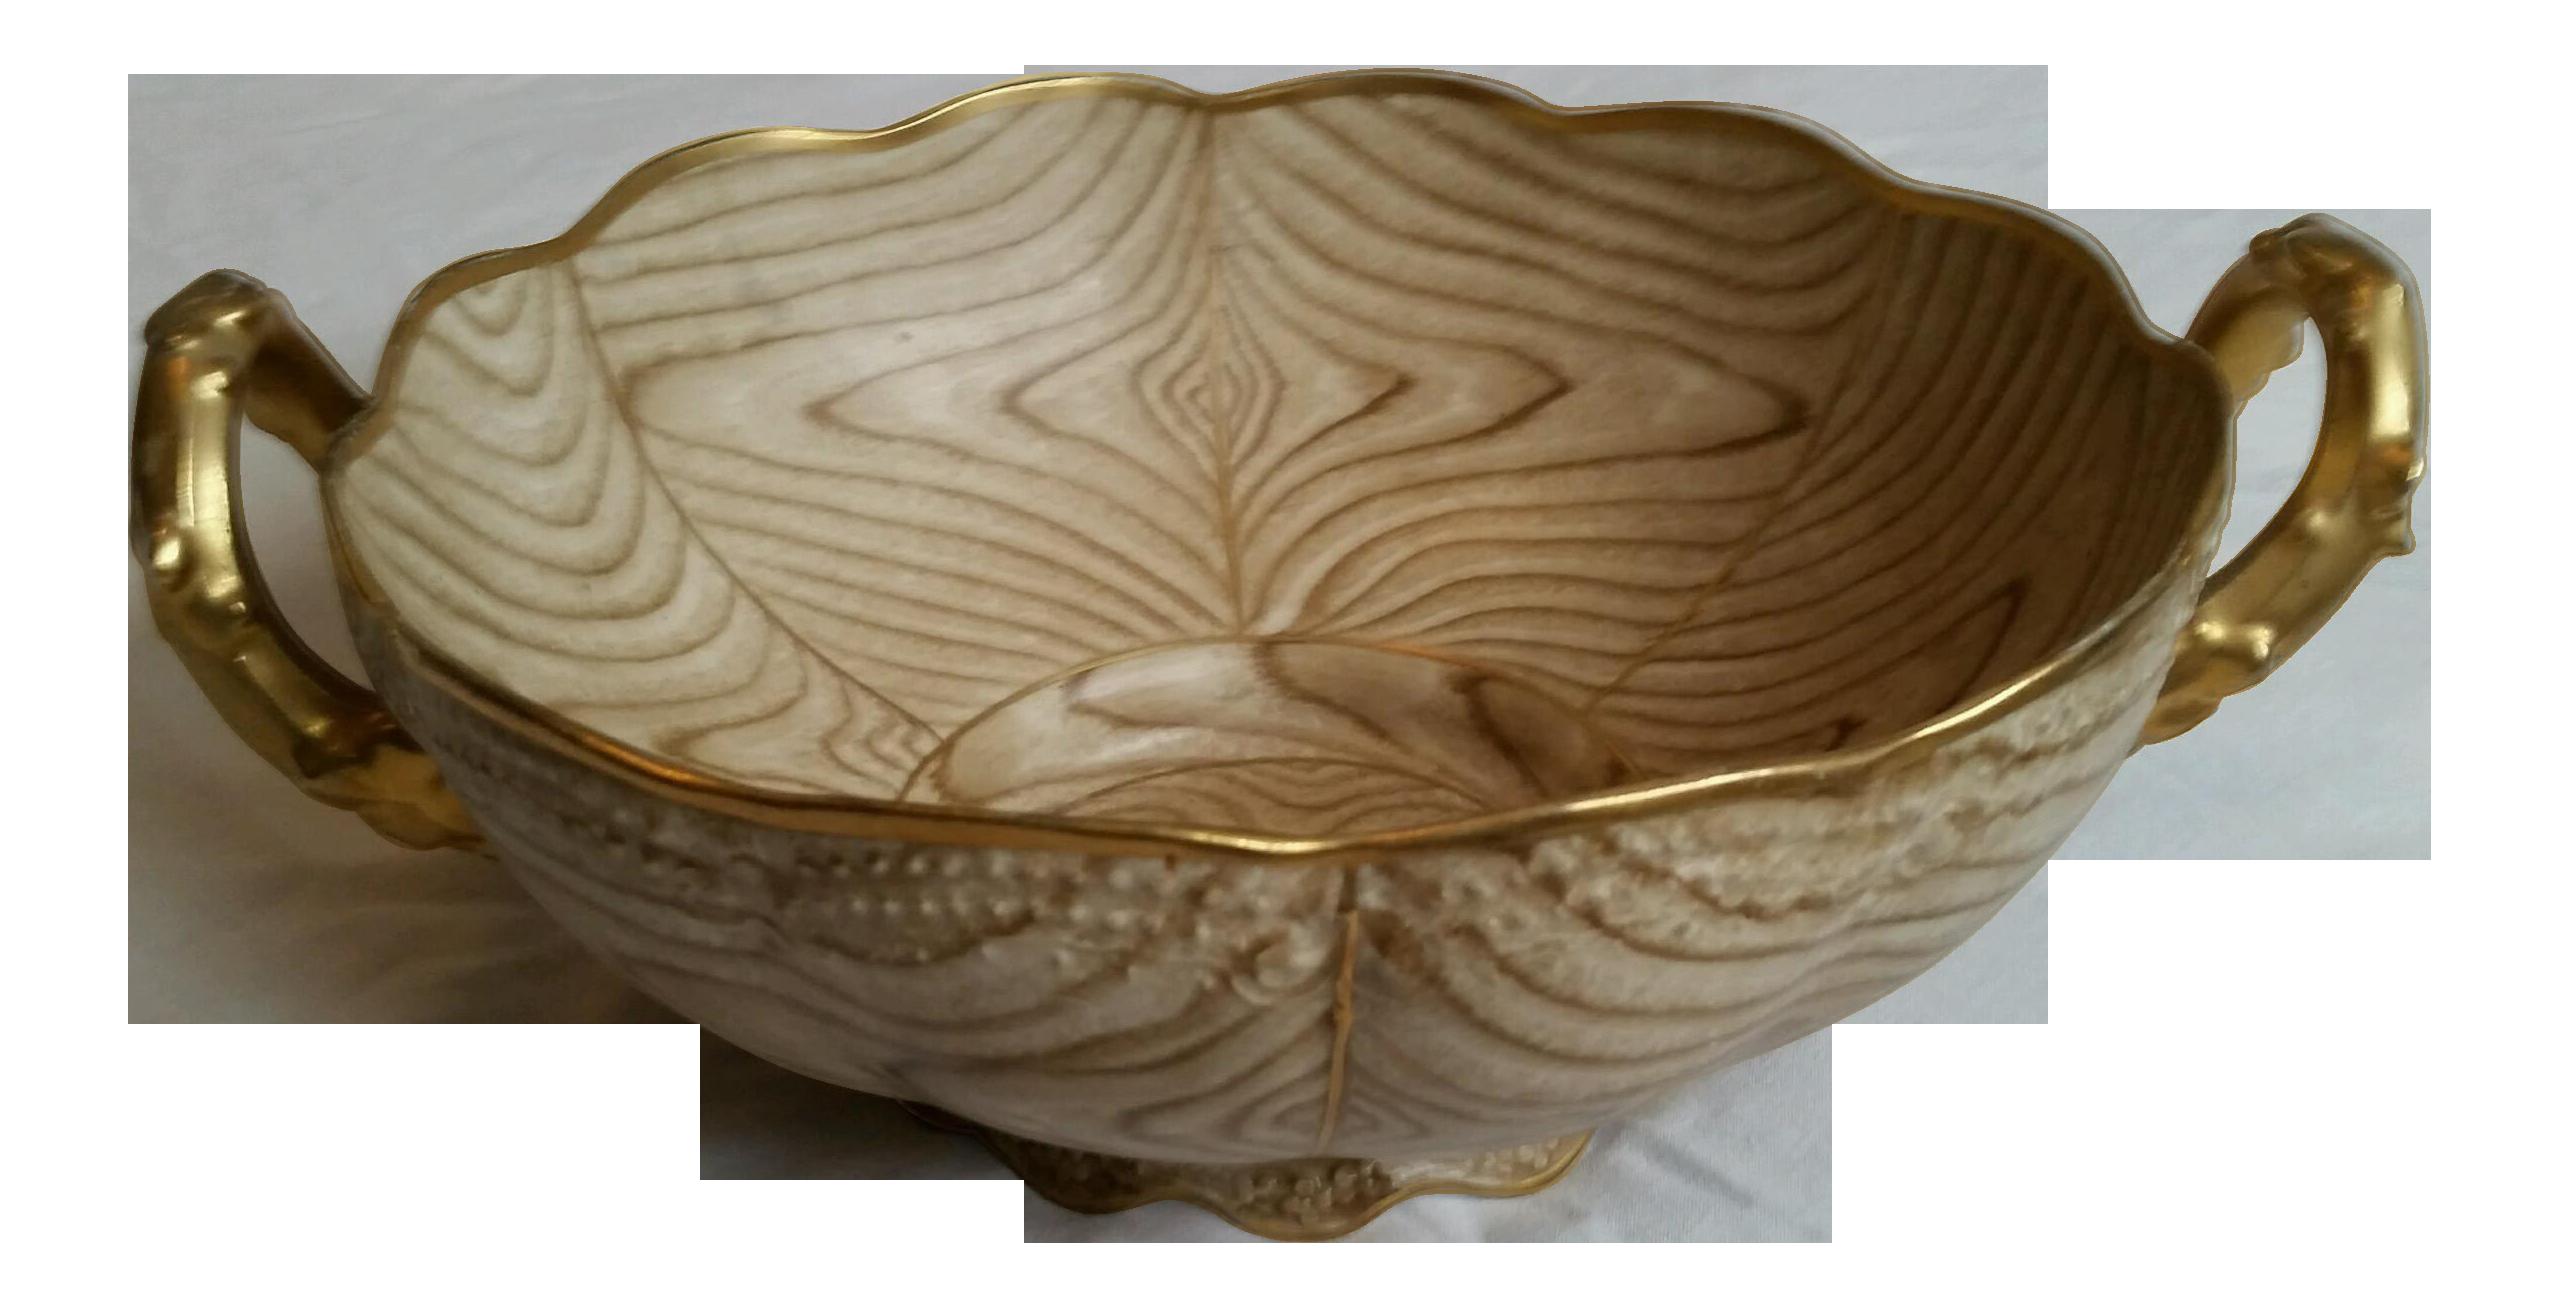 Gilt Faux Bois Porcelain Bowl - Image 1 of 6  sc 1 st  Chairish & Gilt Faux Bois Porcelain Bowl | Chairish